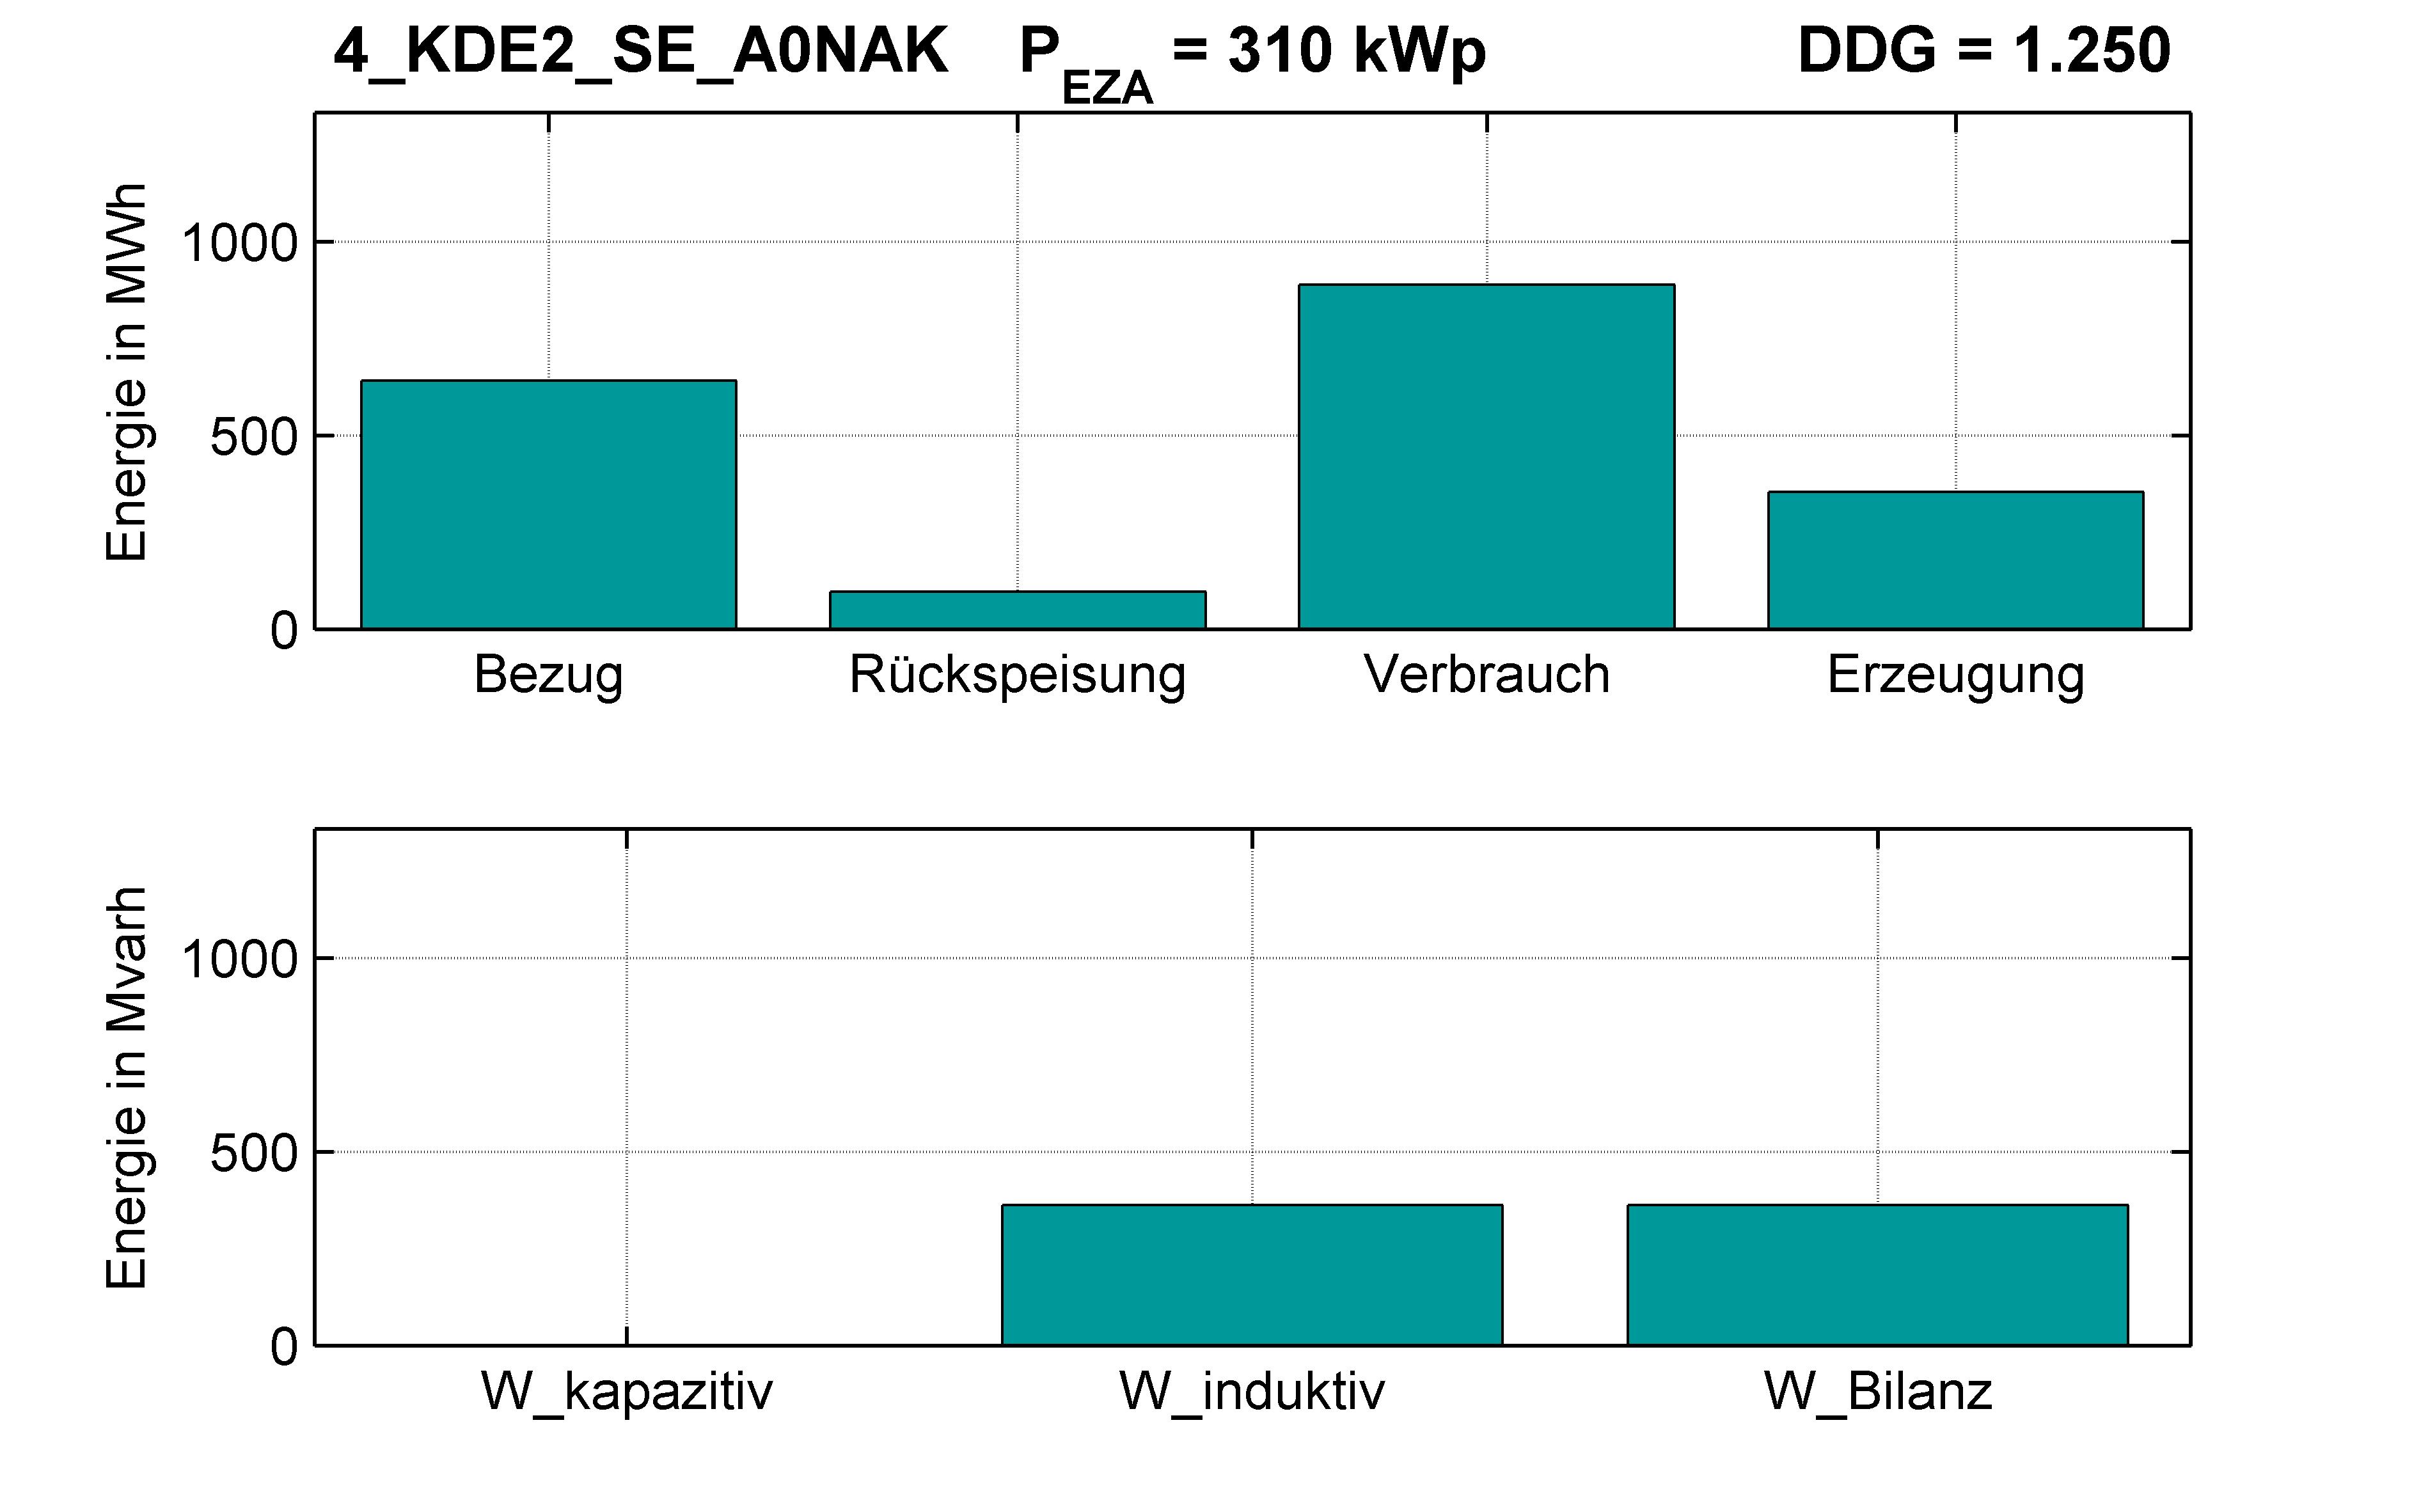 KDE2 | P-Kappung 55% (SE) A0NAK | PQ-Bilanz